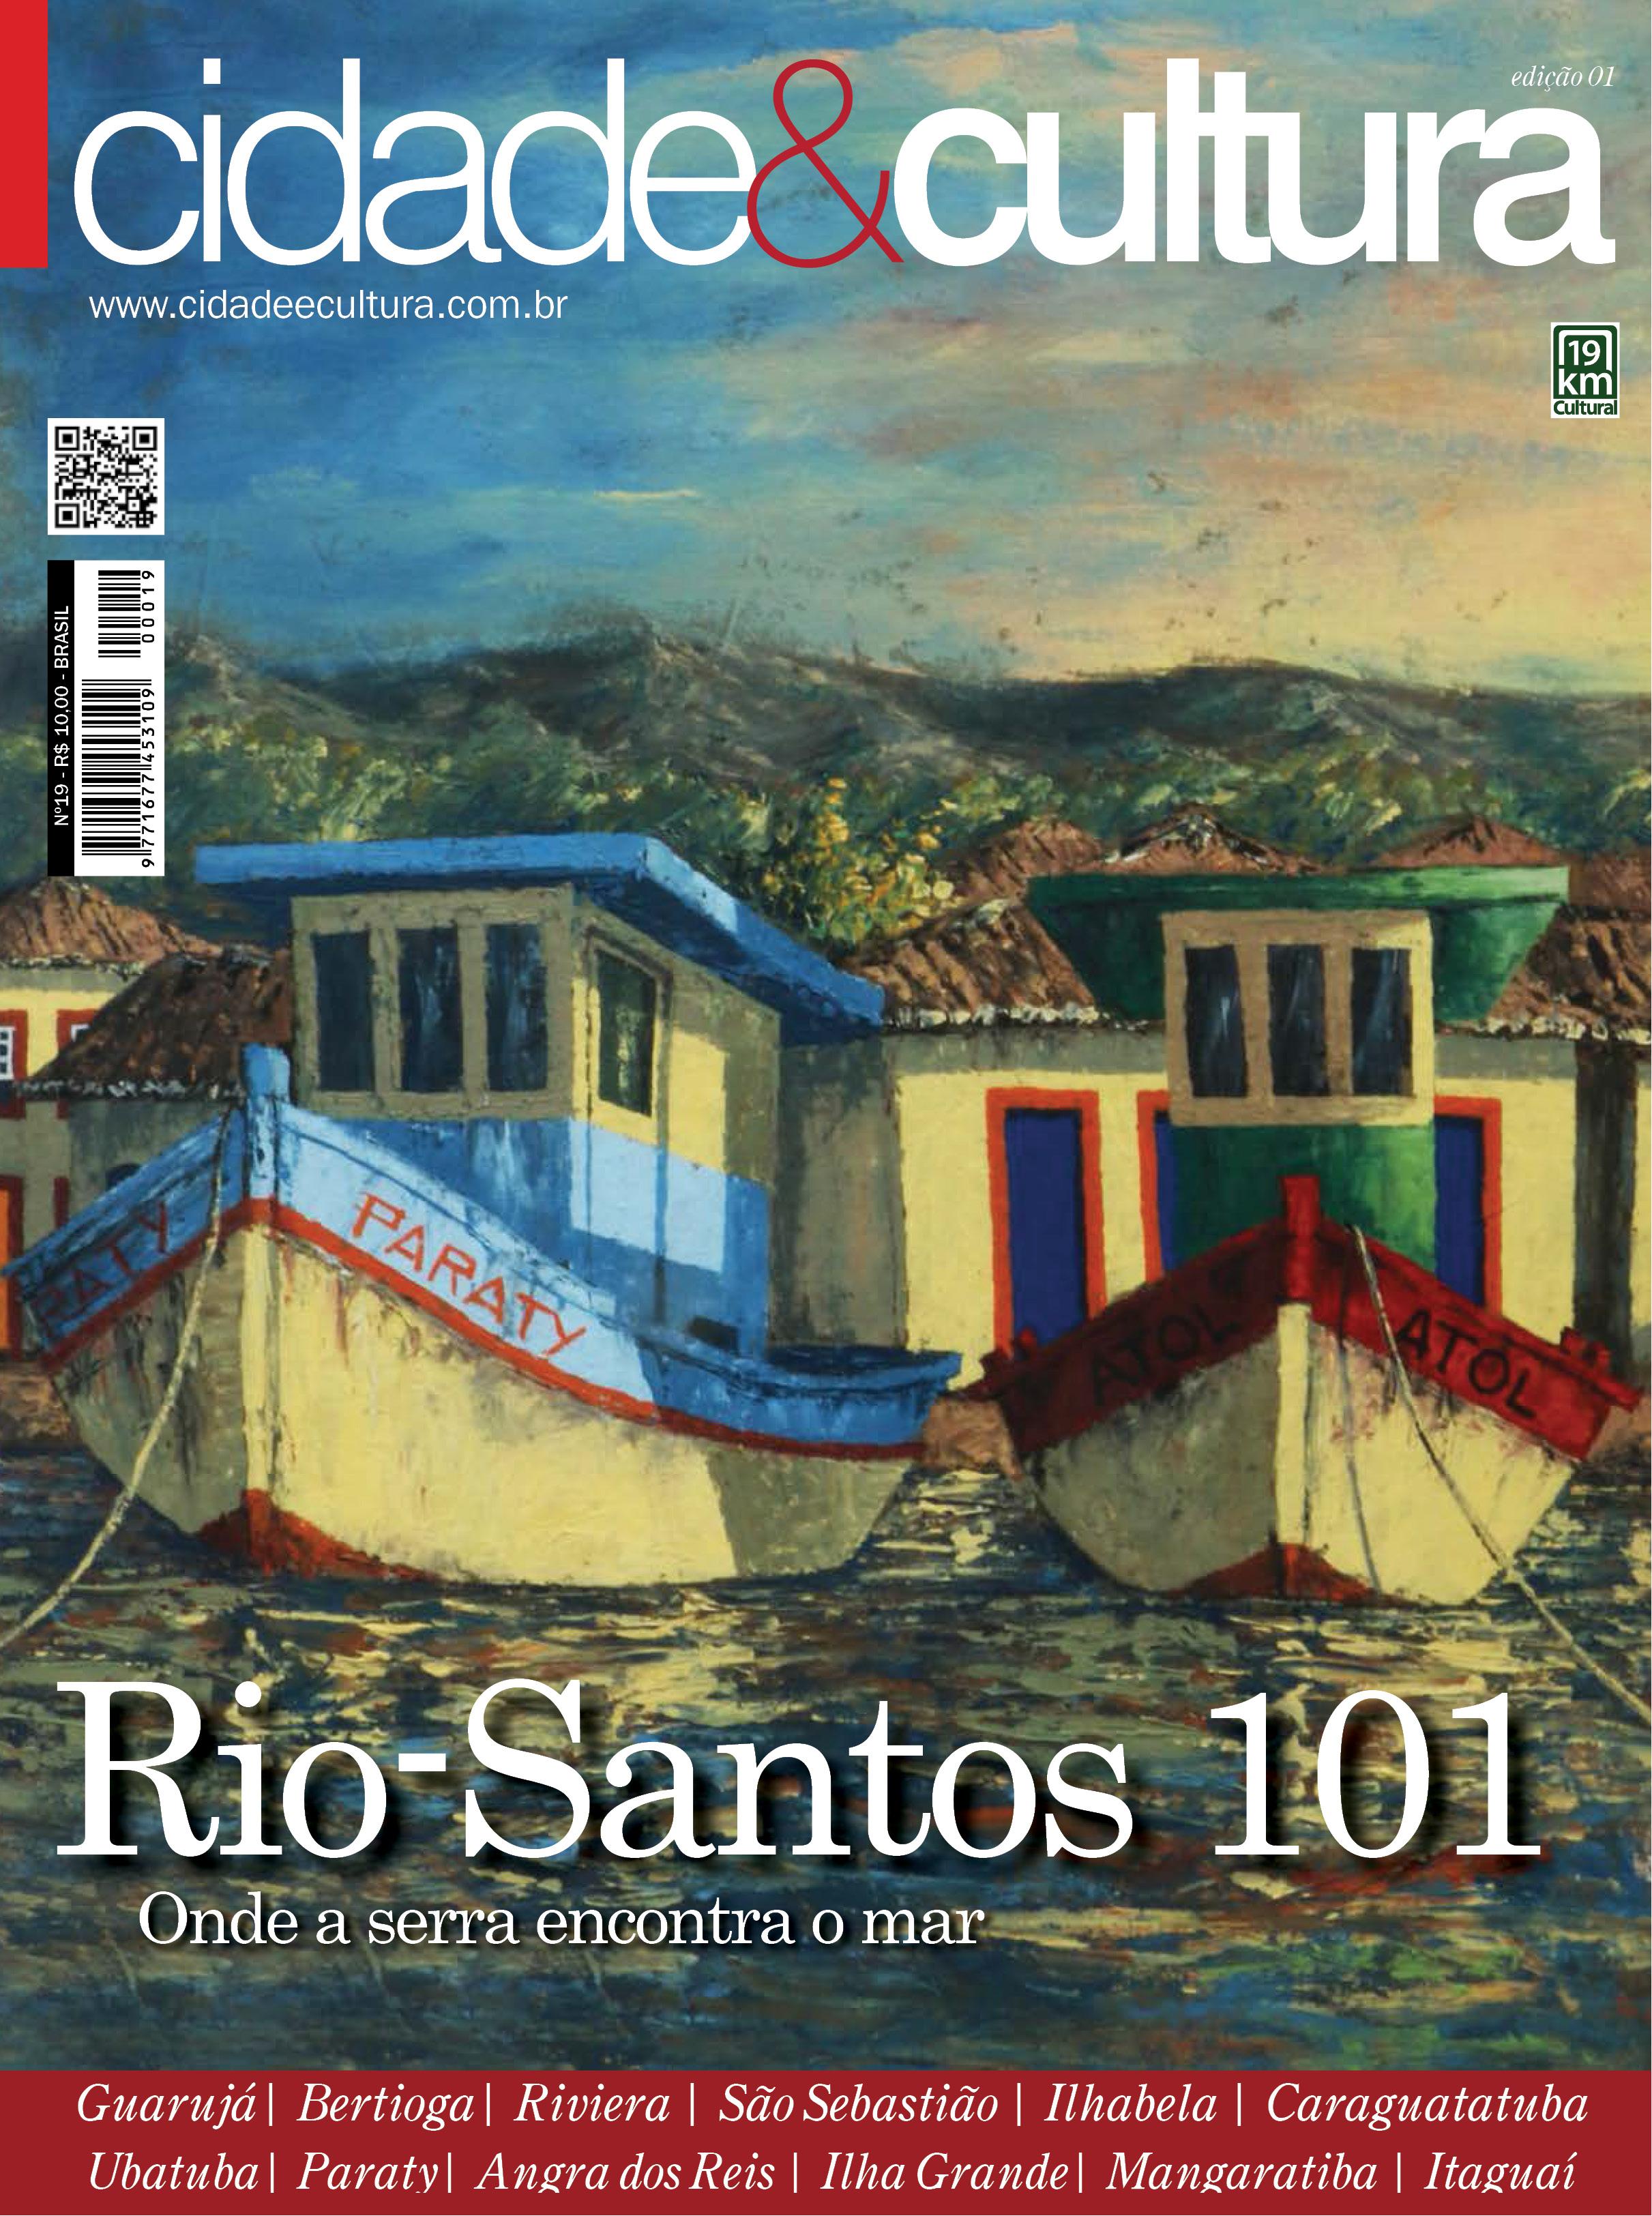 Rio-Santos 101